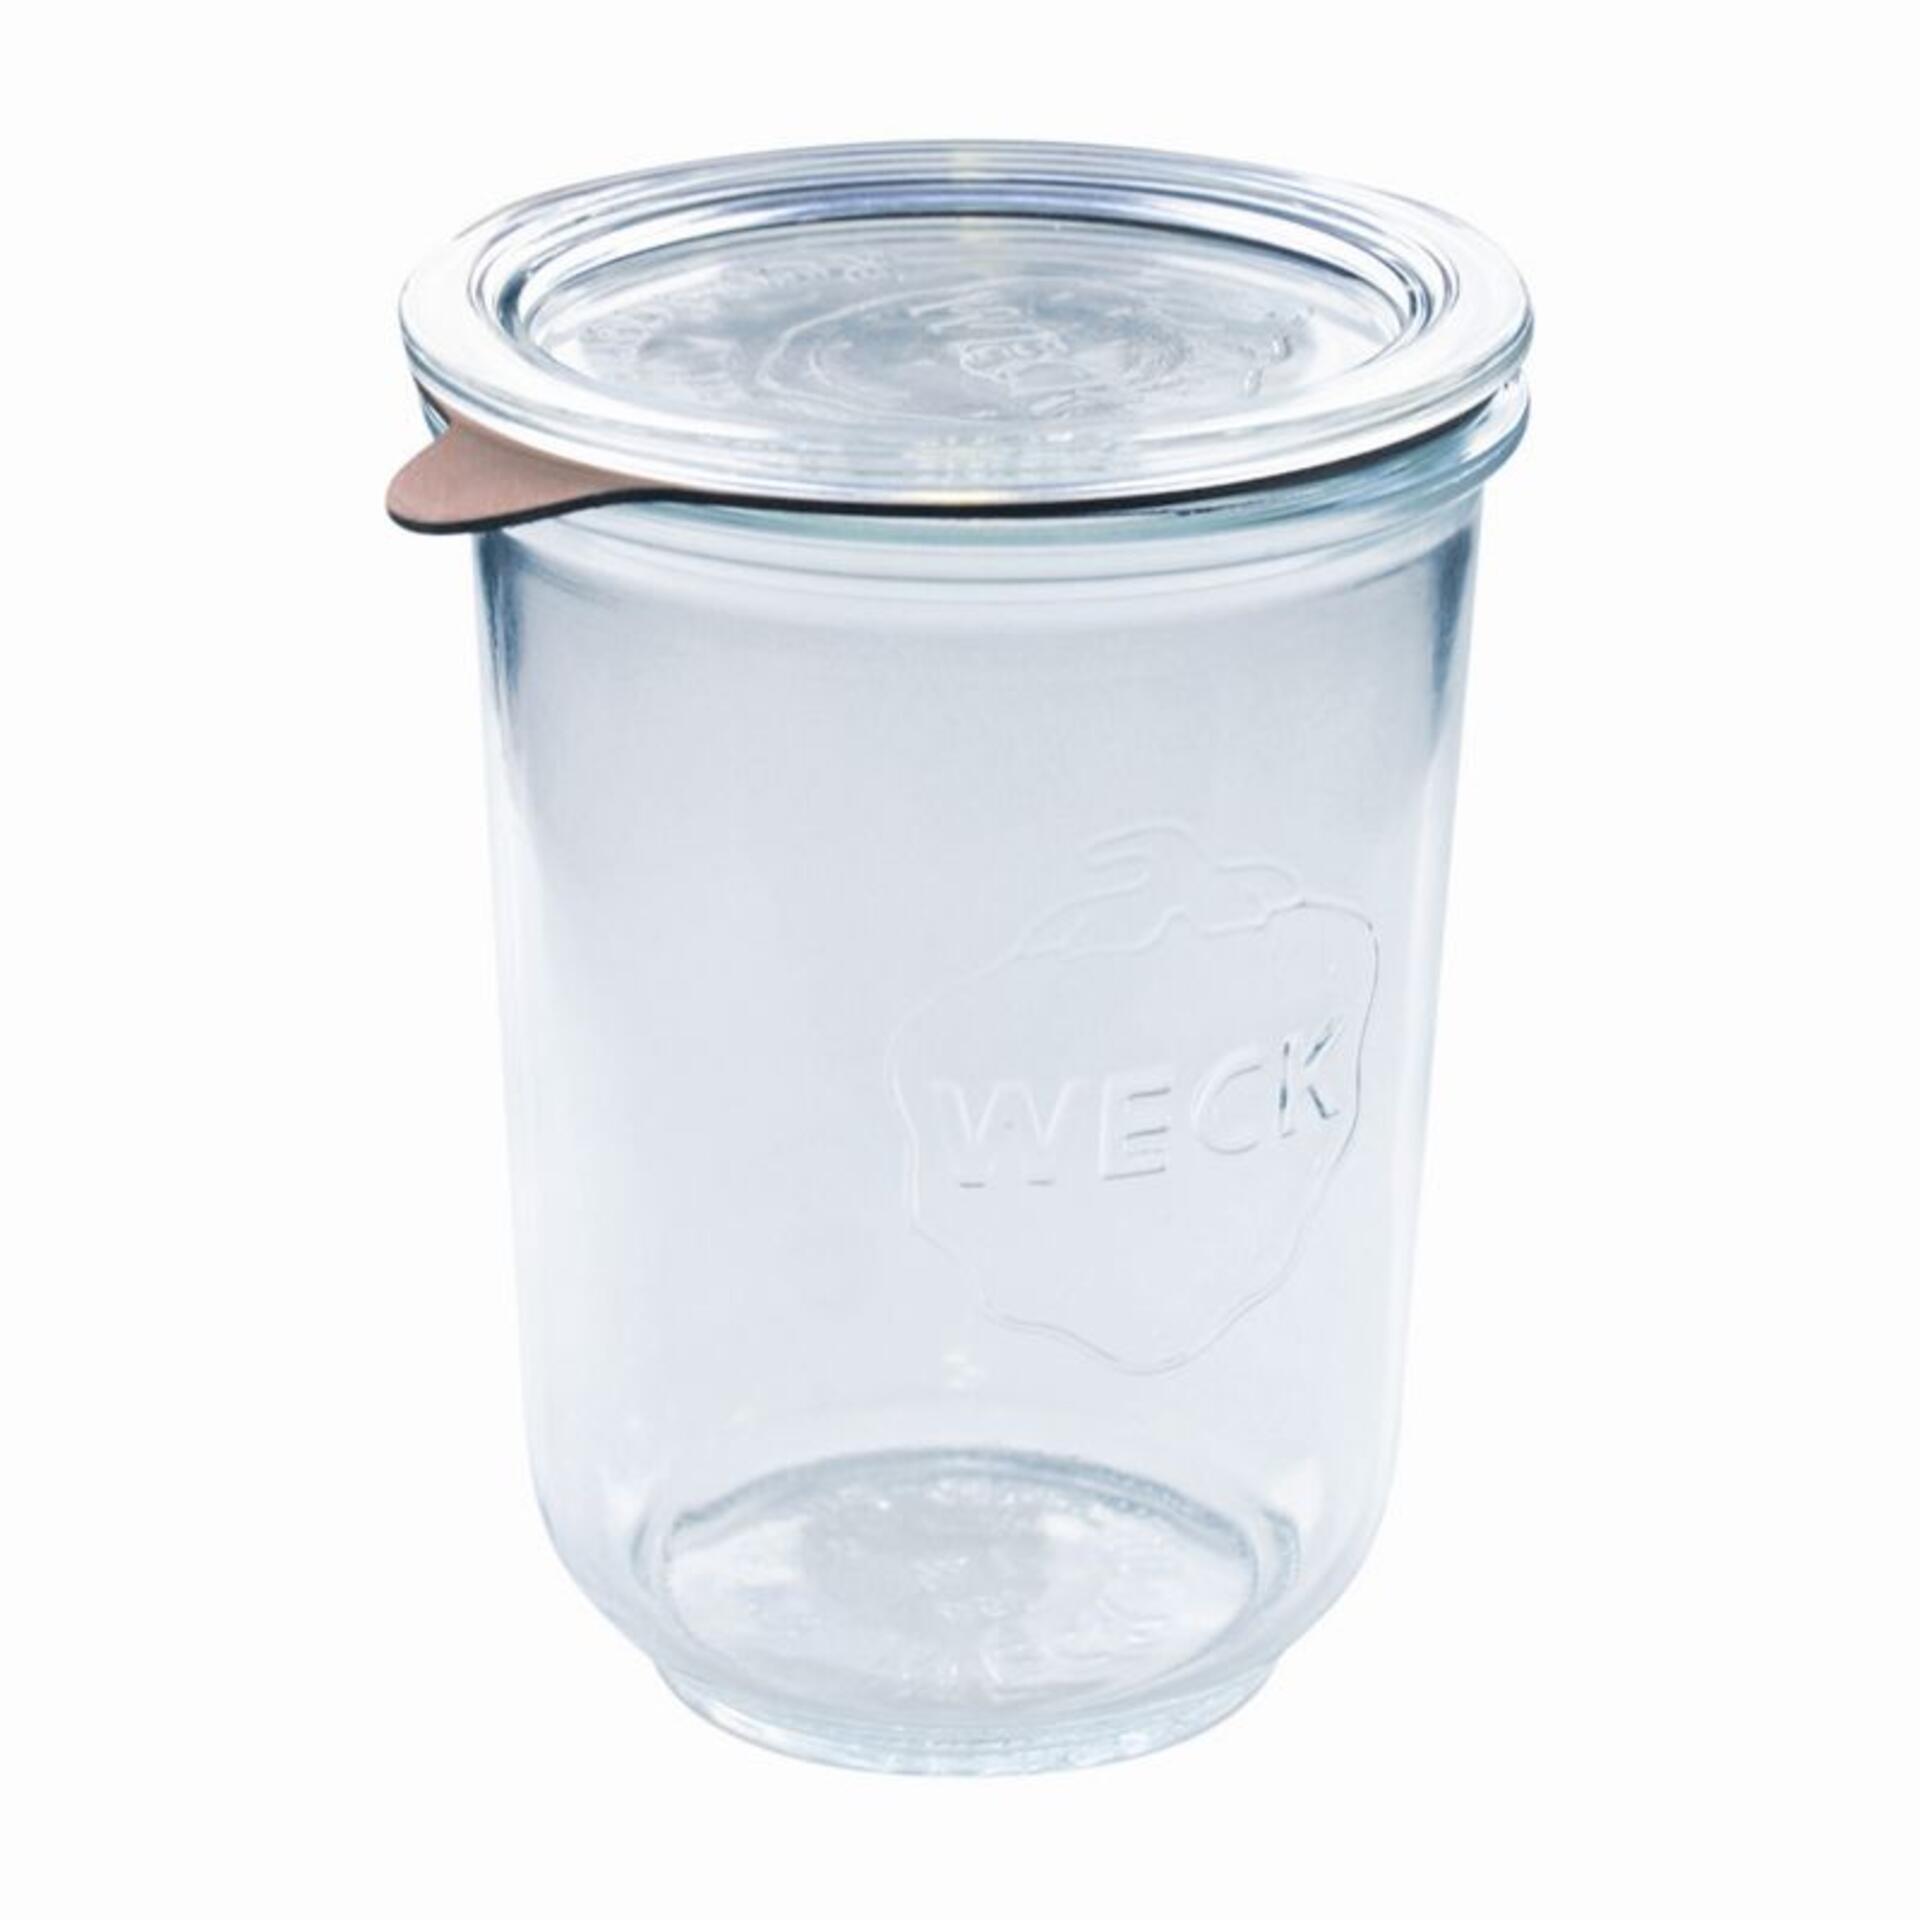 Weck 4er Set Sturzglas 750 ml